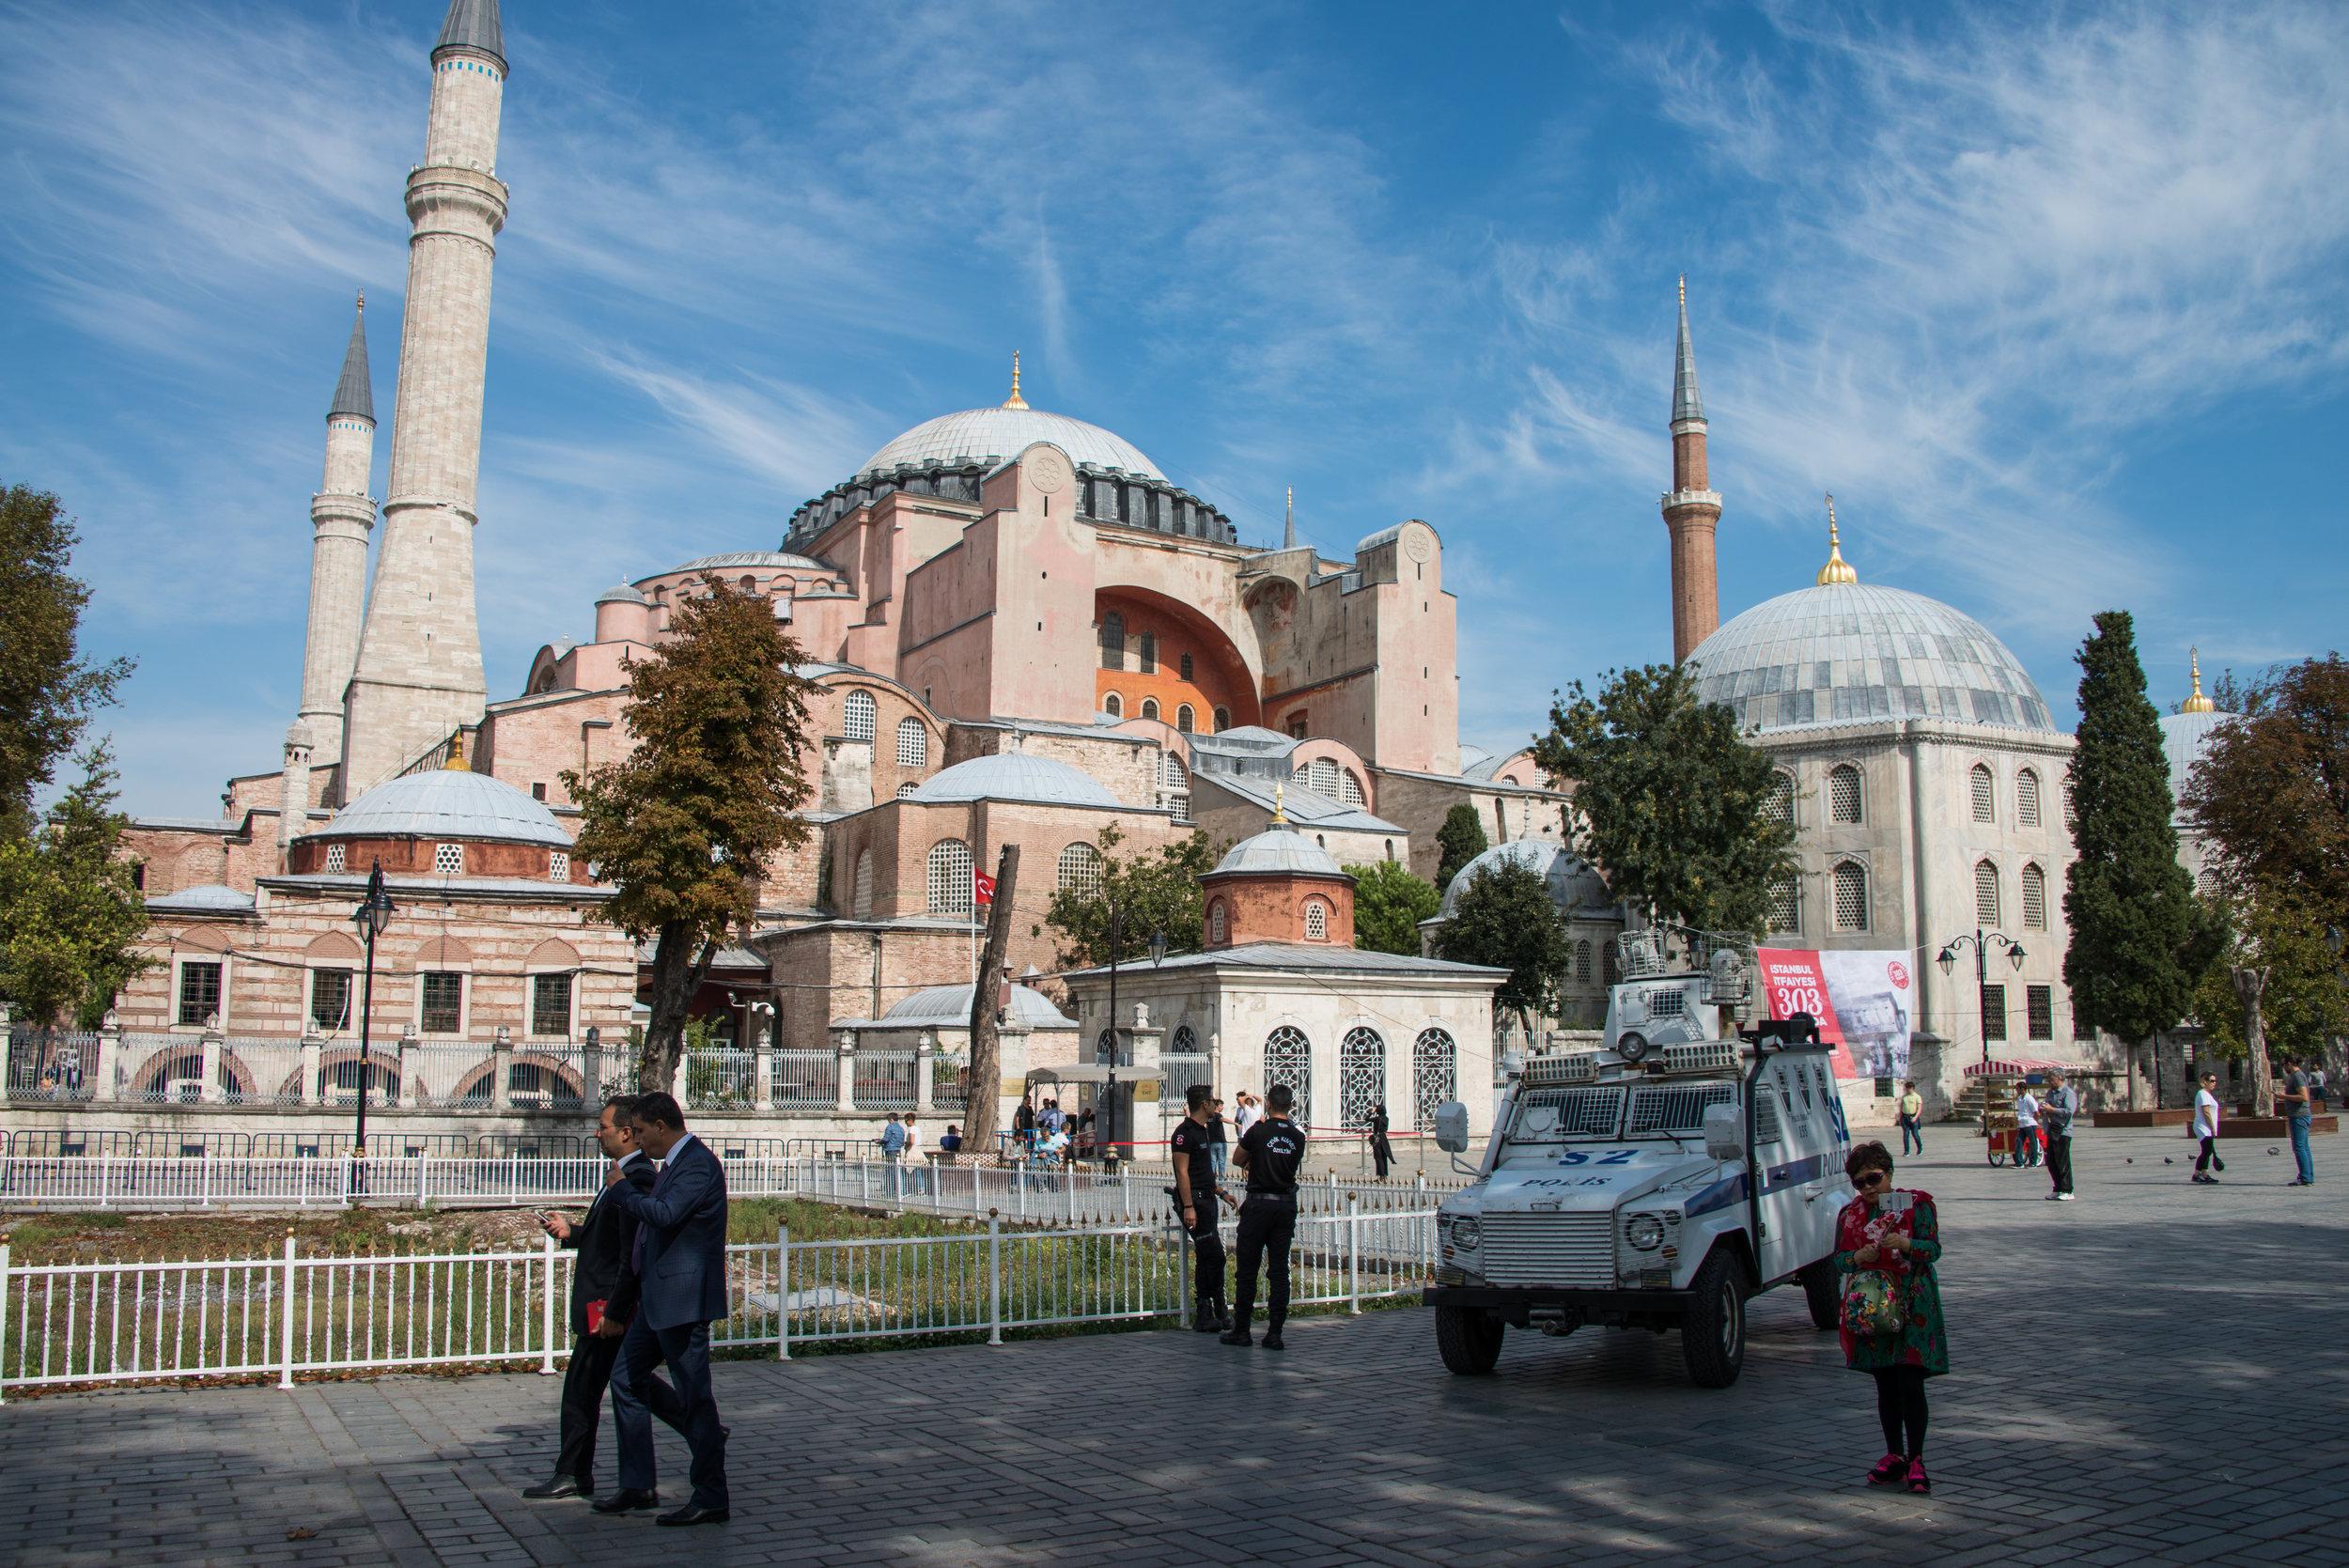 Police Presence in Front of Hagia Sophia